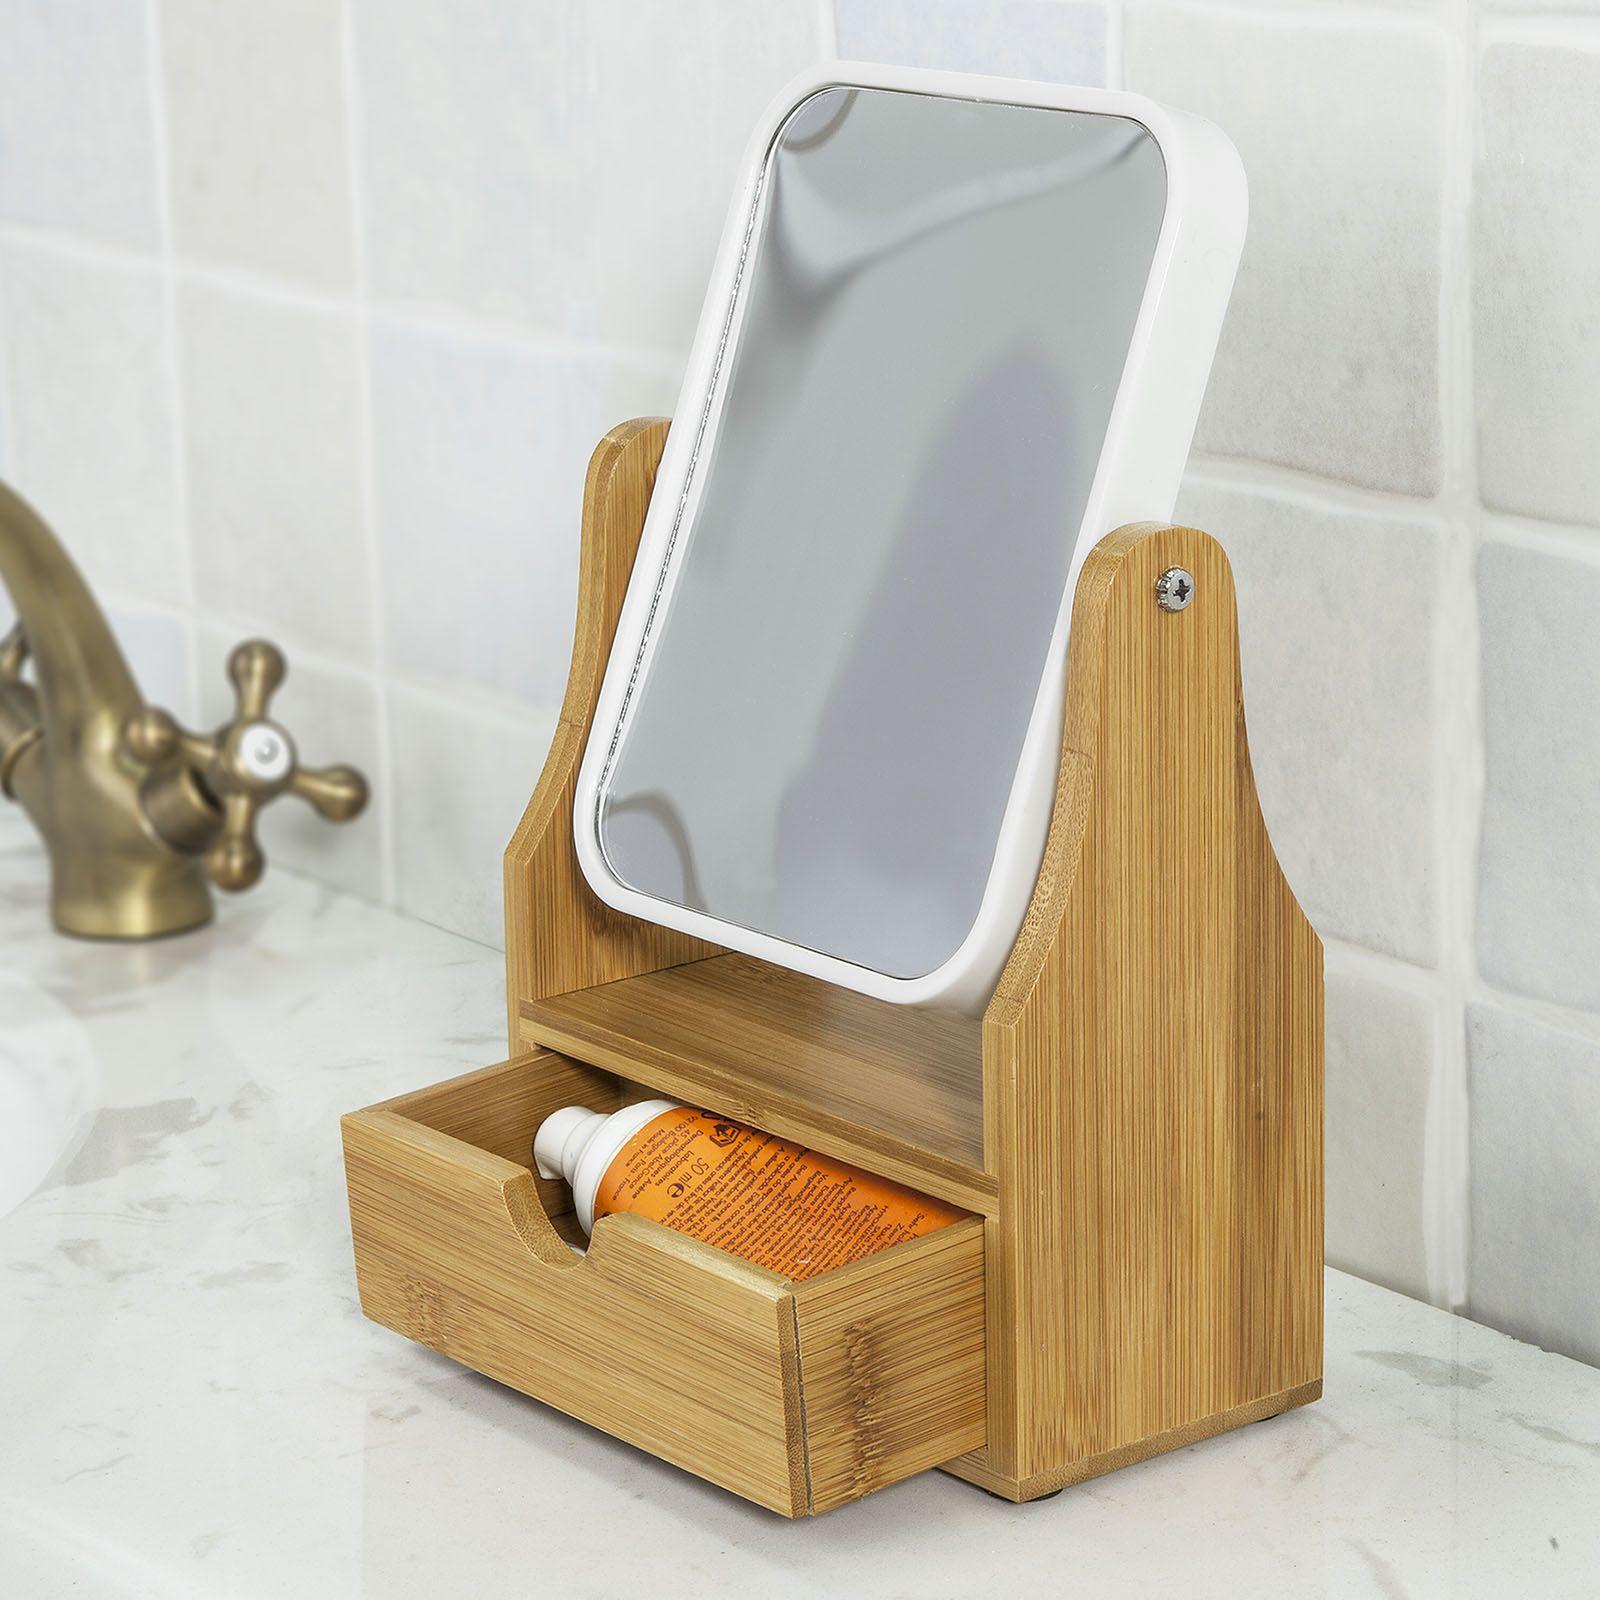 Sobuy Bianco Specchio Mobile Bagno Con Specchio Mensola Bagno